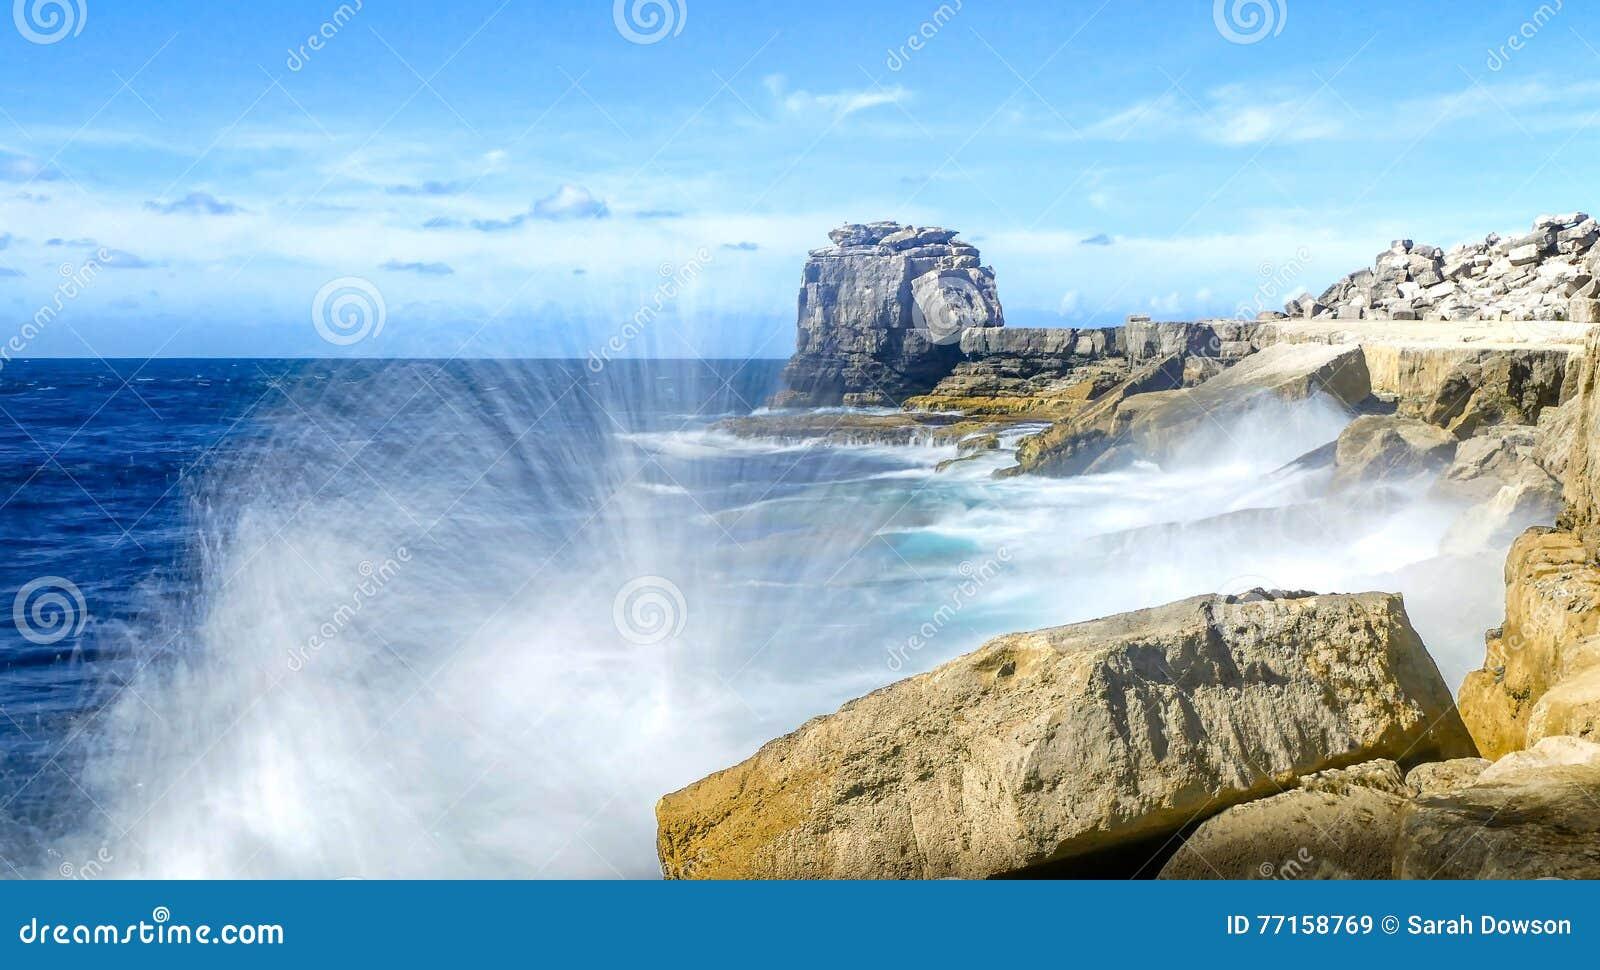 Rocky Coastline avec la vague se brisant contre les roches